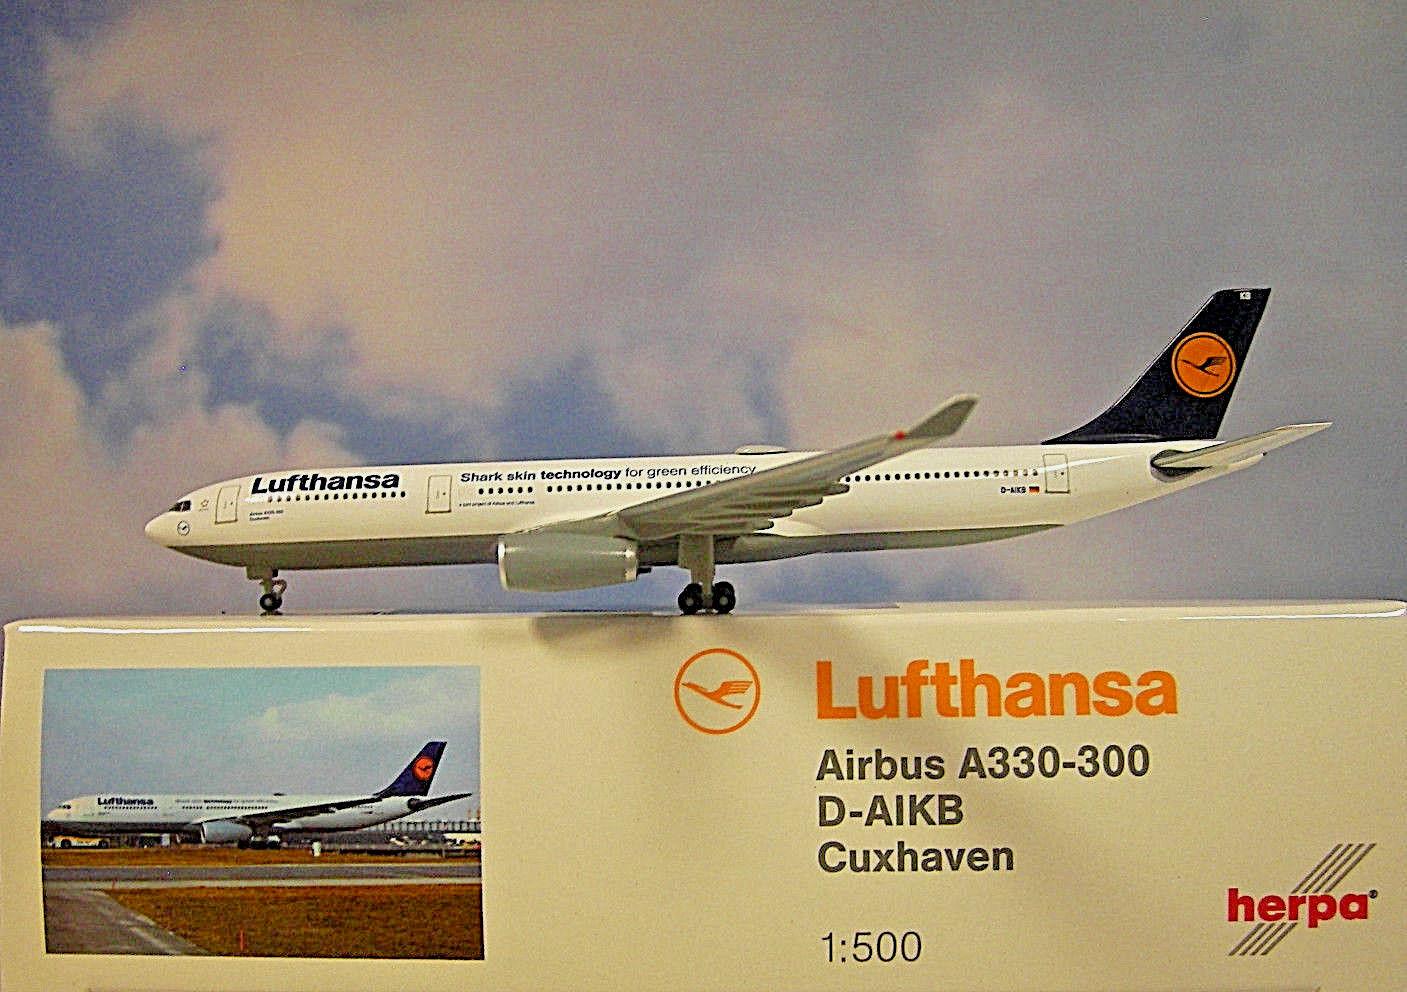 Herpa Wings 1 500 Airbus A330-300 Lufthansa Lufthansa Lufthansa D-Aikb 514965-003 Modellairport500 82e8f6